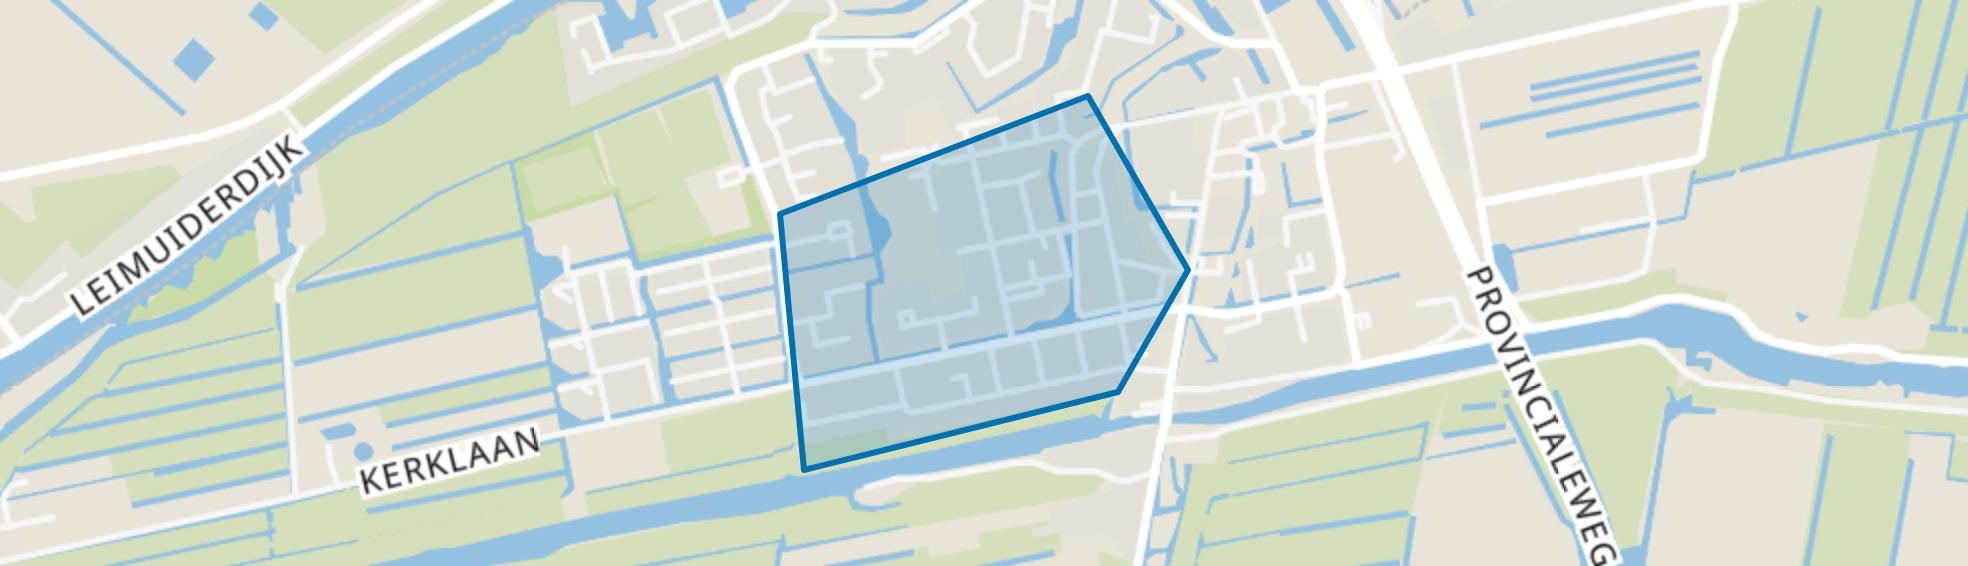 Uitbreiding West, Leimuiden map